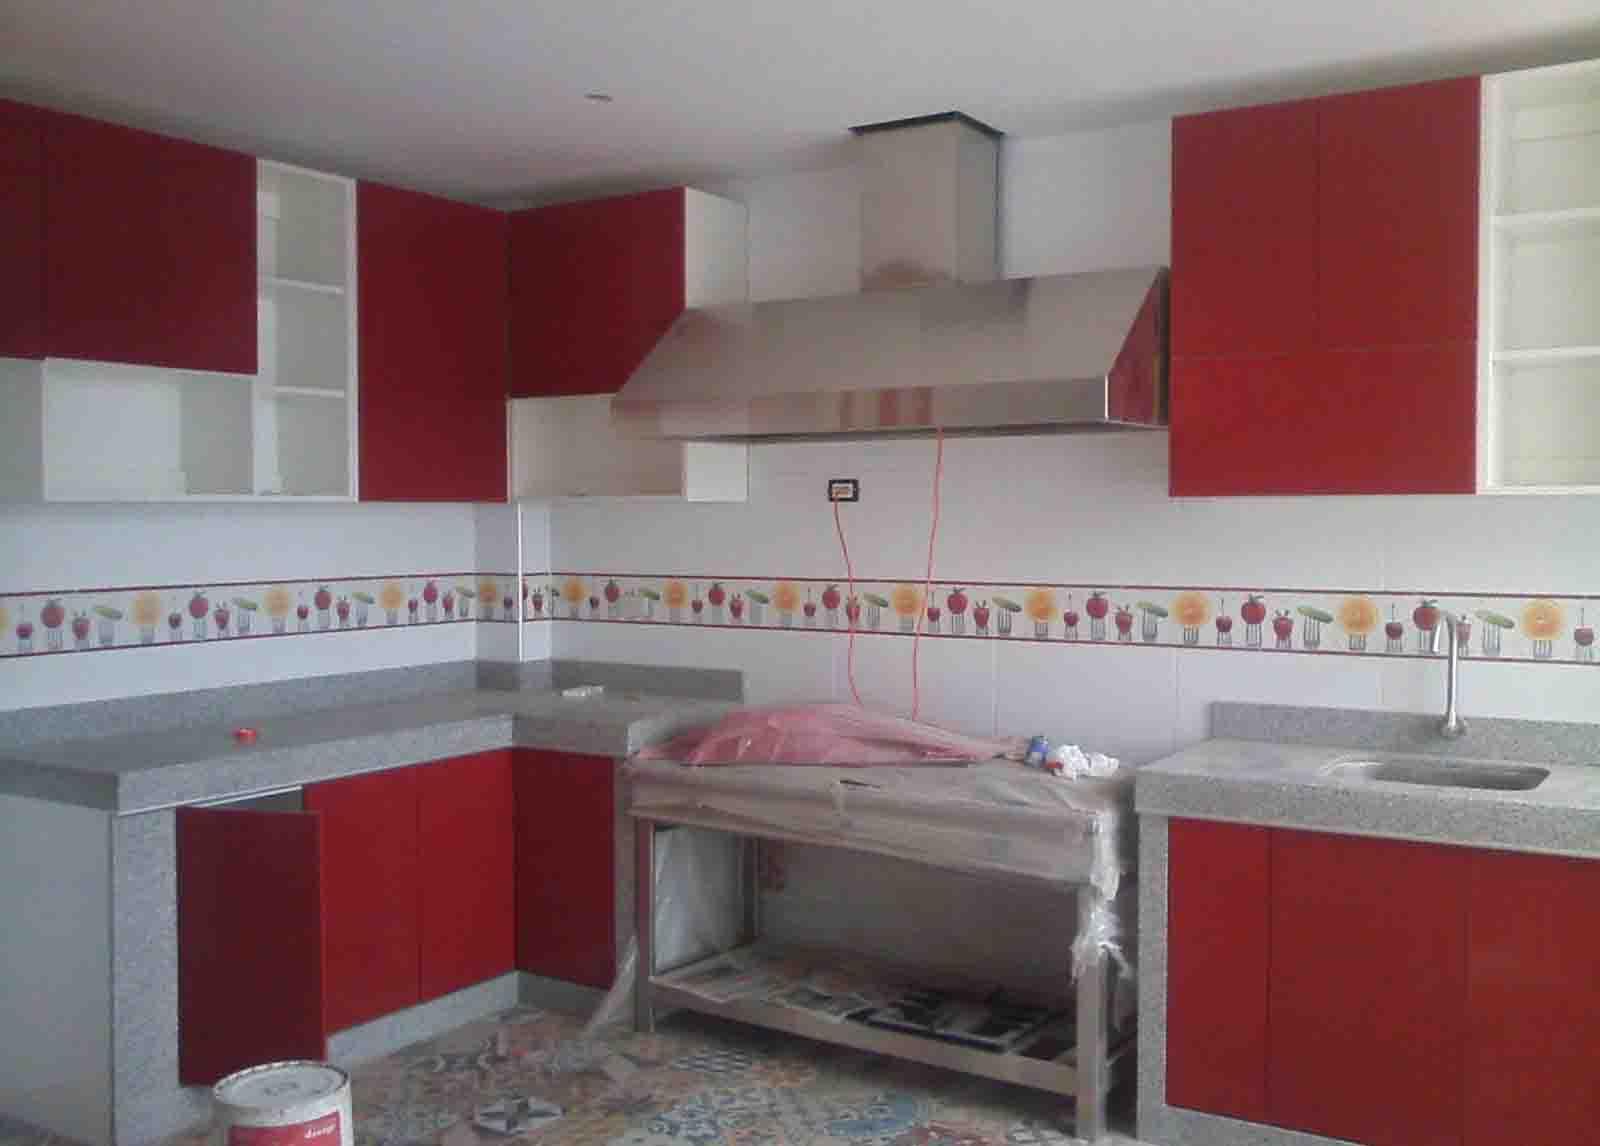 Cocina en melamine color rojo servicios generales for Muebles de cocina colgantes